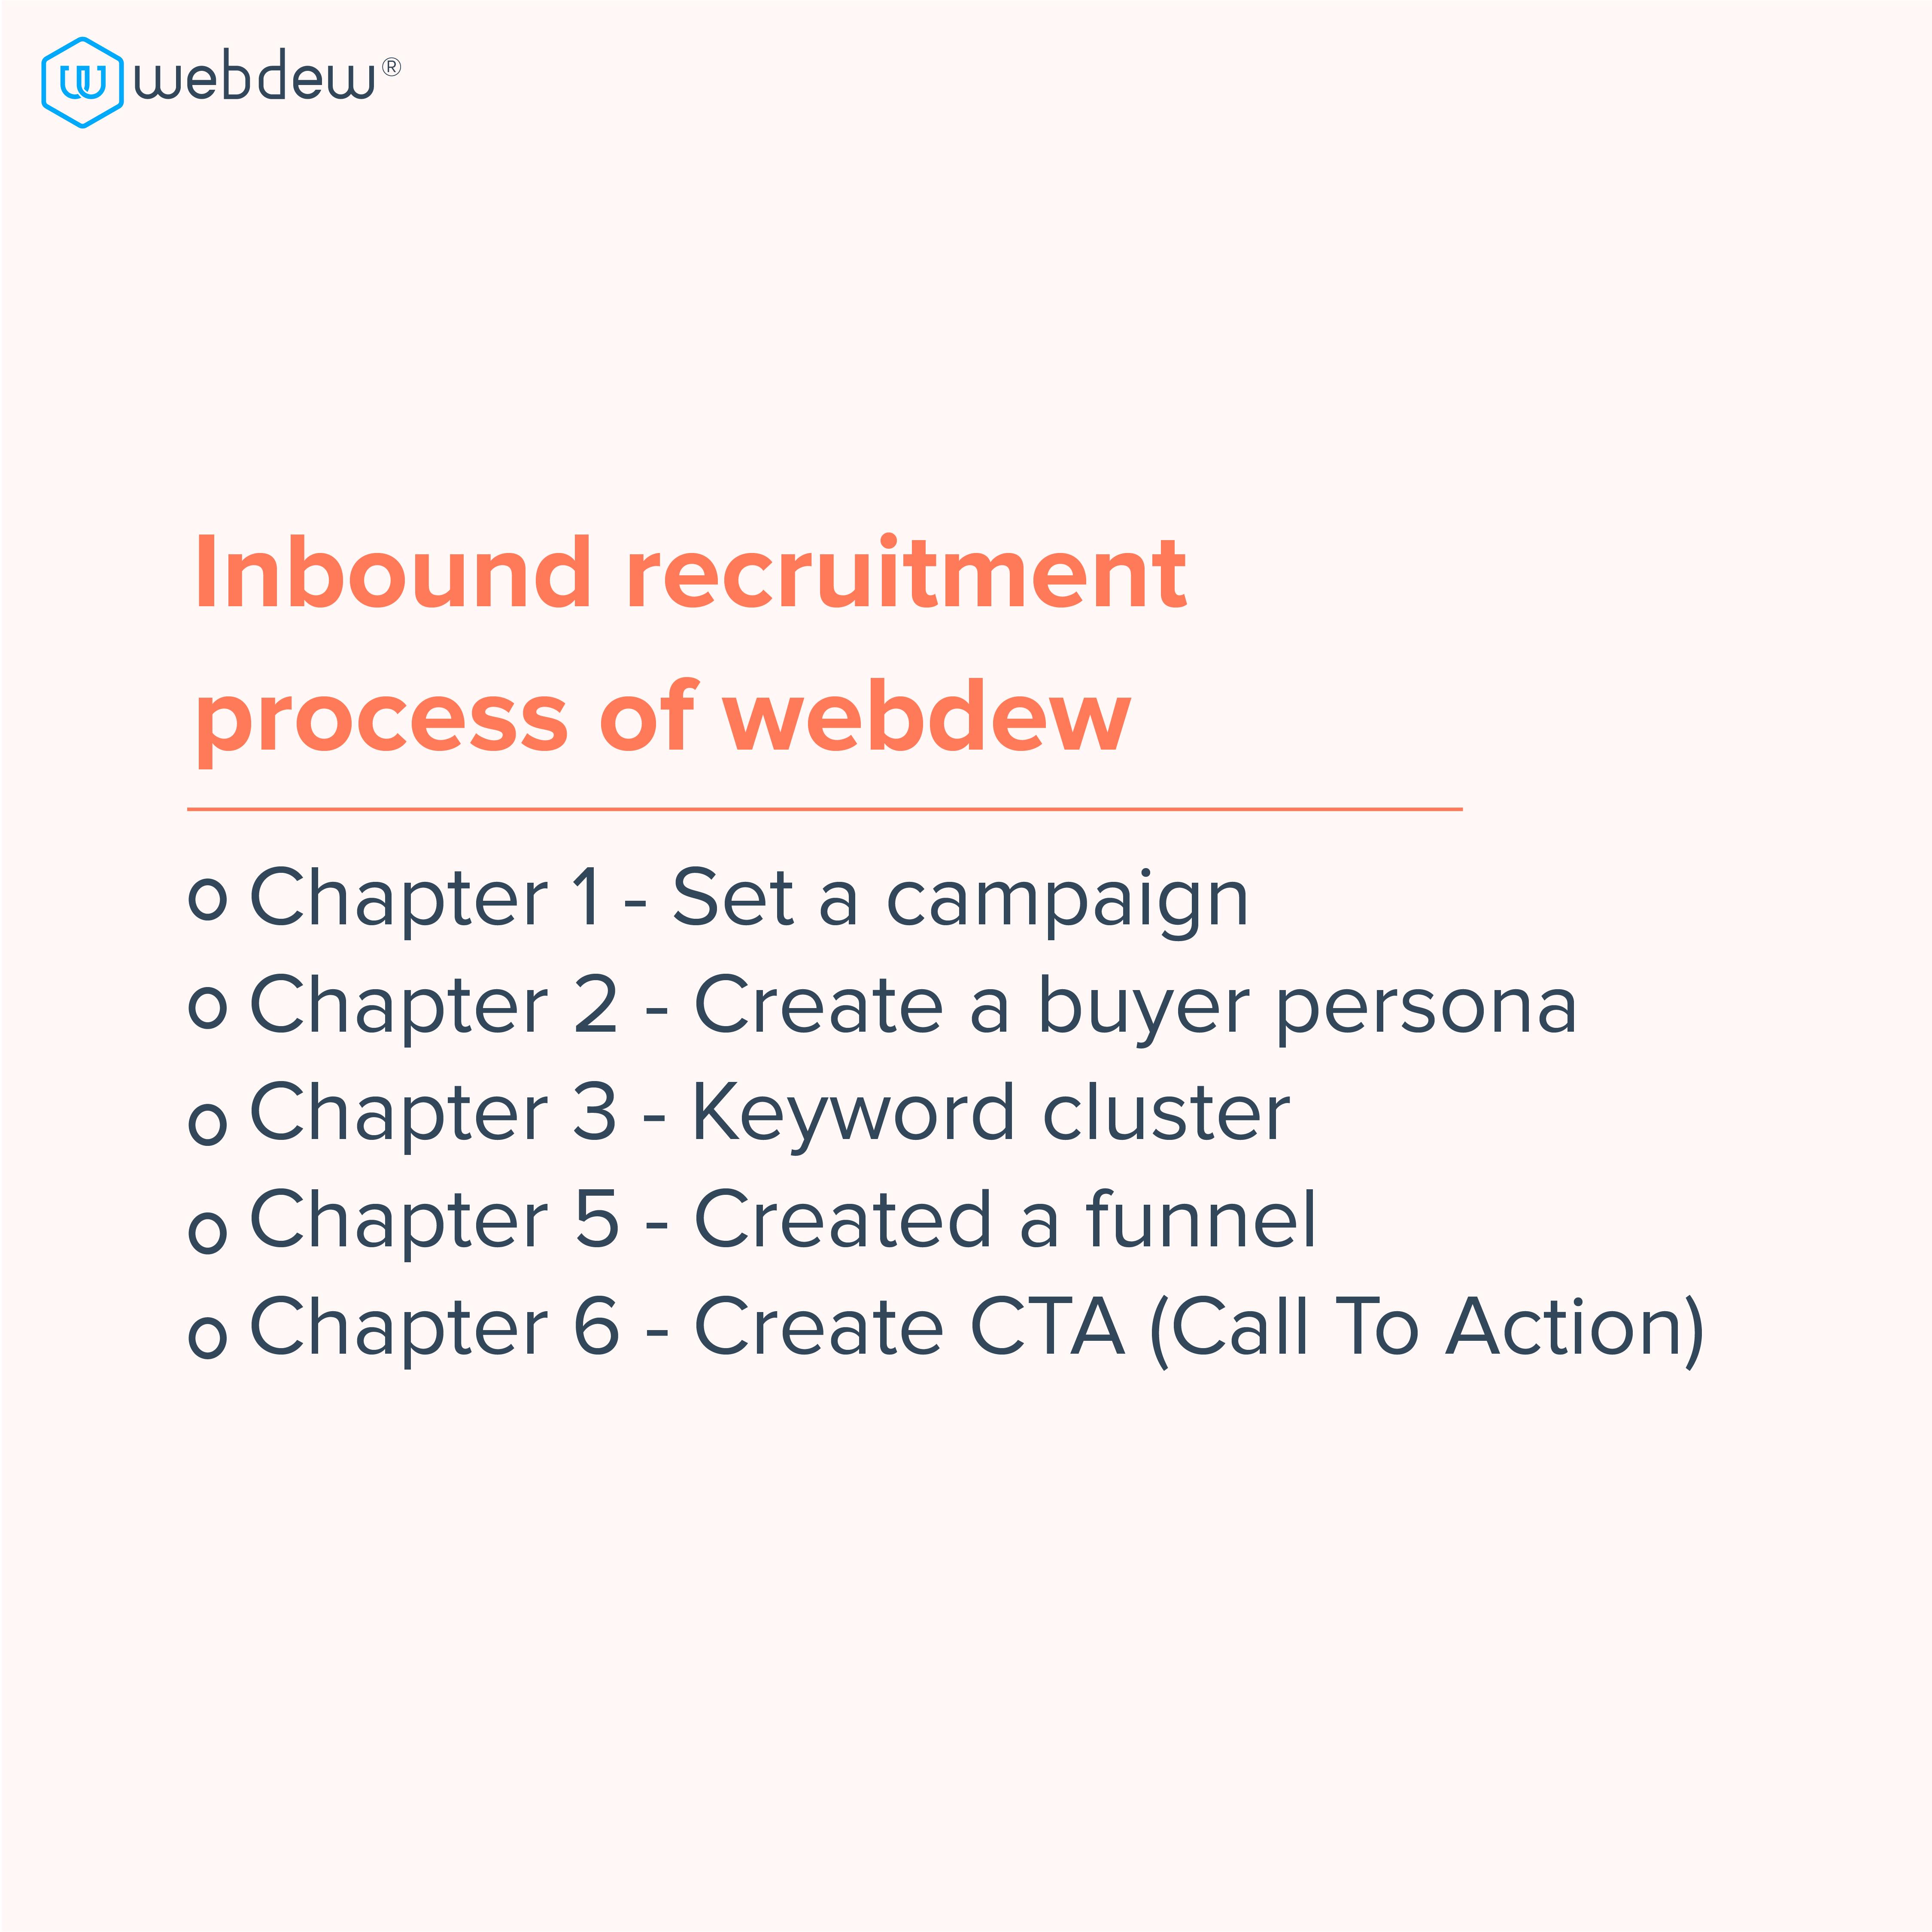 3. inbound recruitment process of webdew